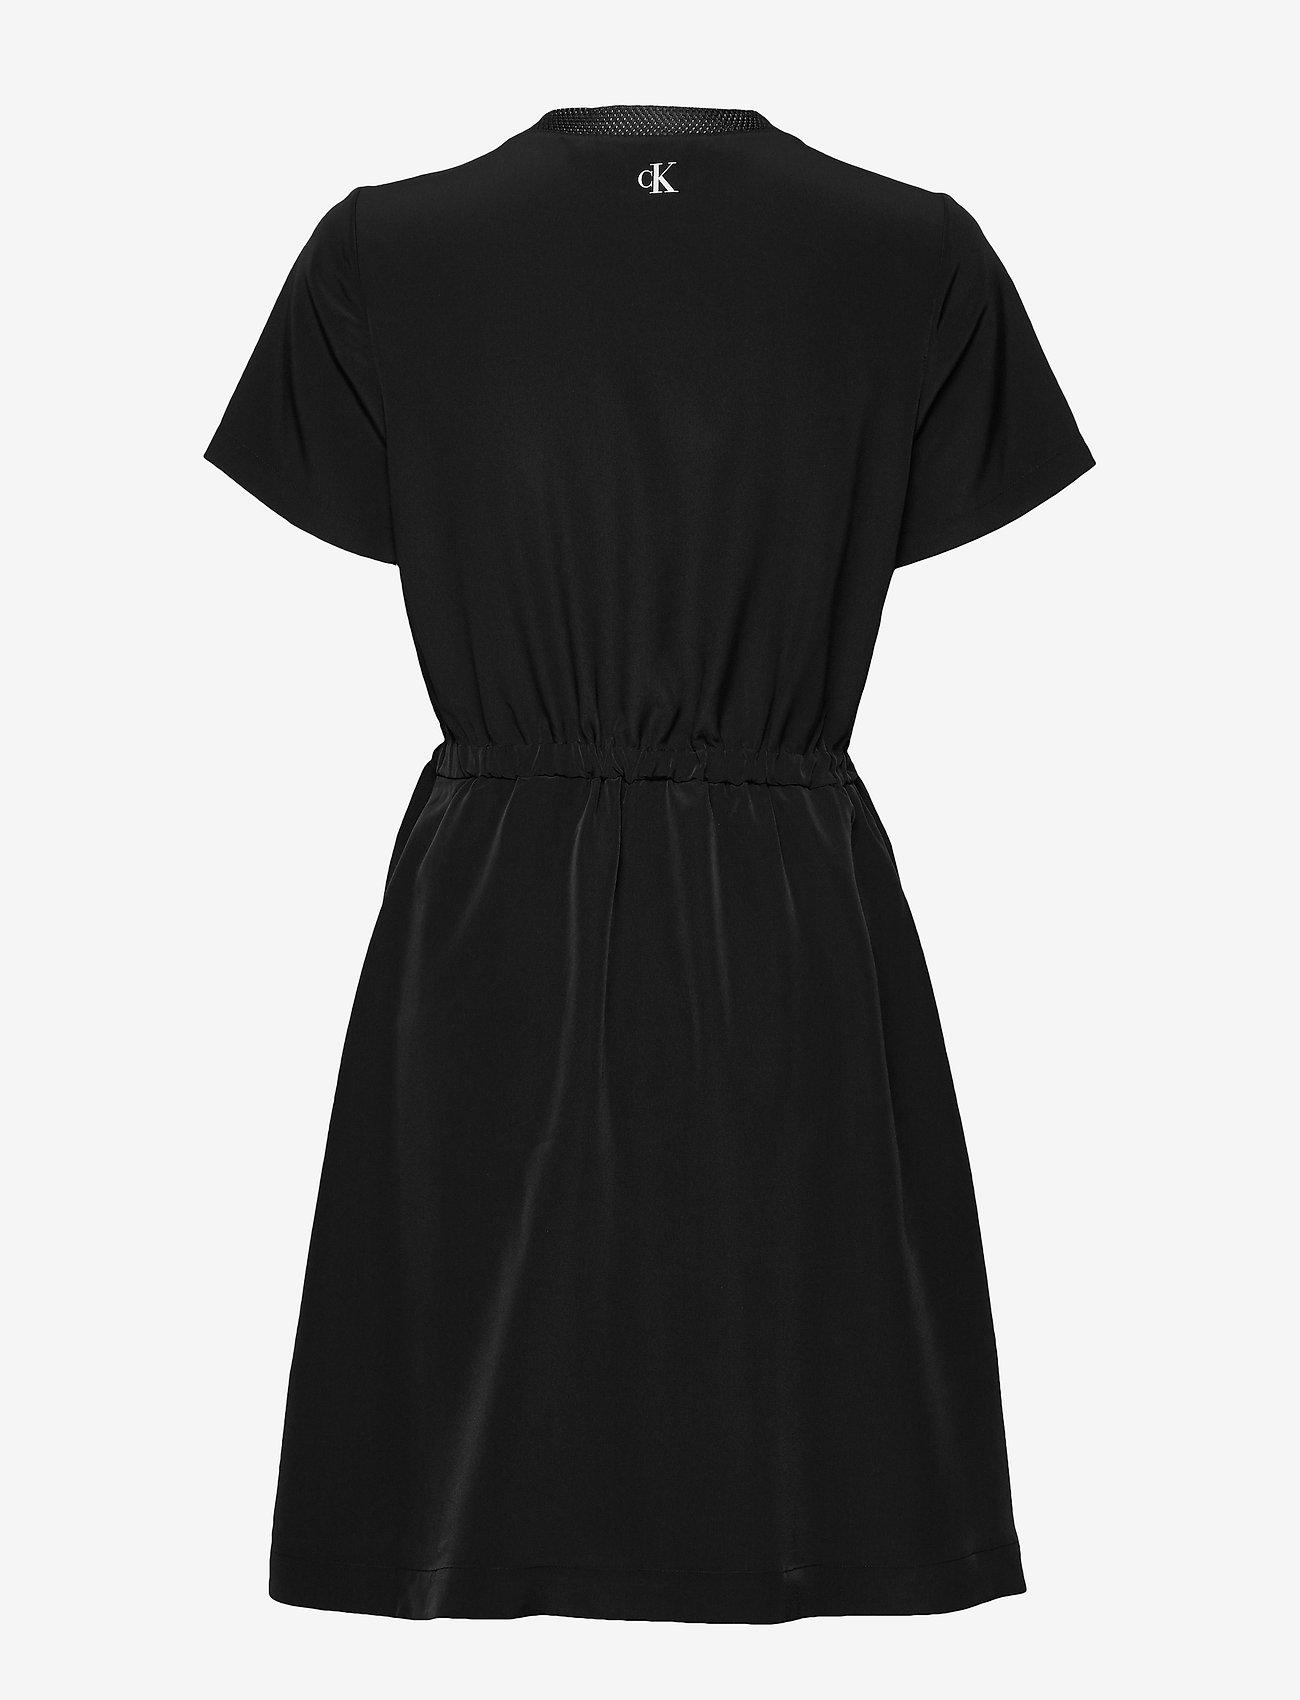 Calvin Klein Jeans BRANDED DRAW CORDS W - Sukienki CK BLACK - Kobiety Odzież.